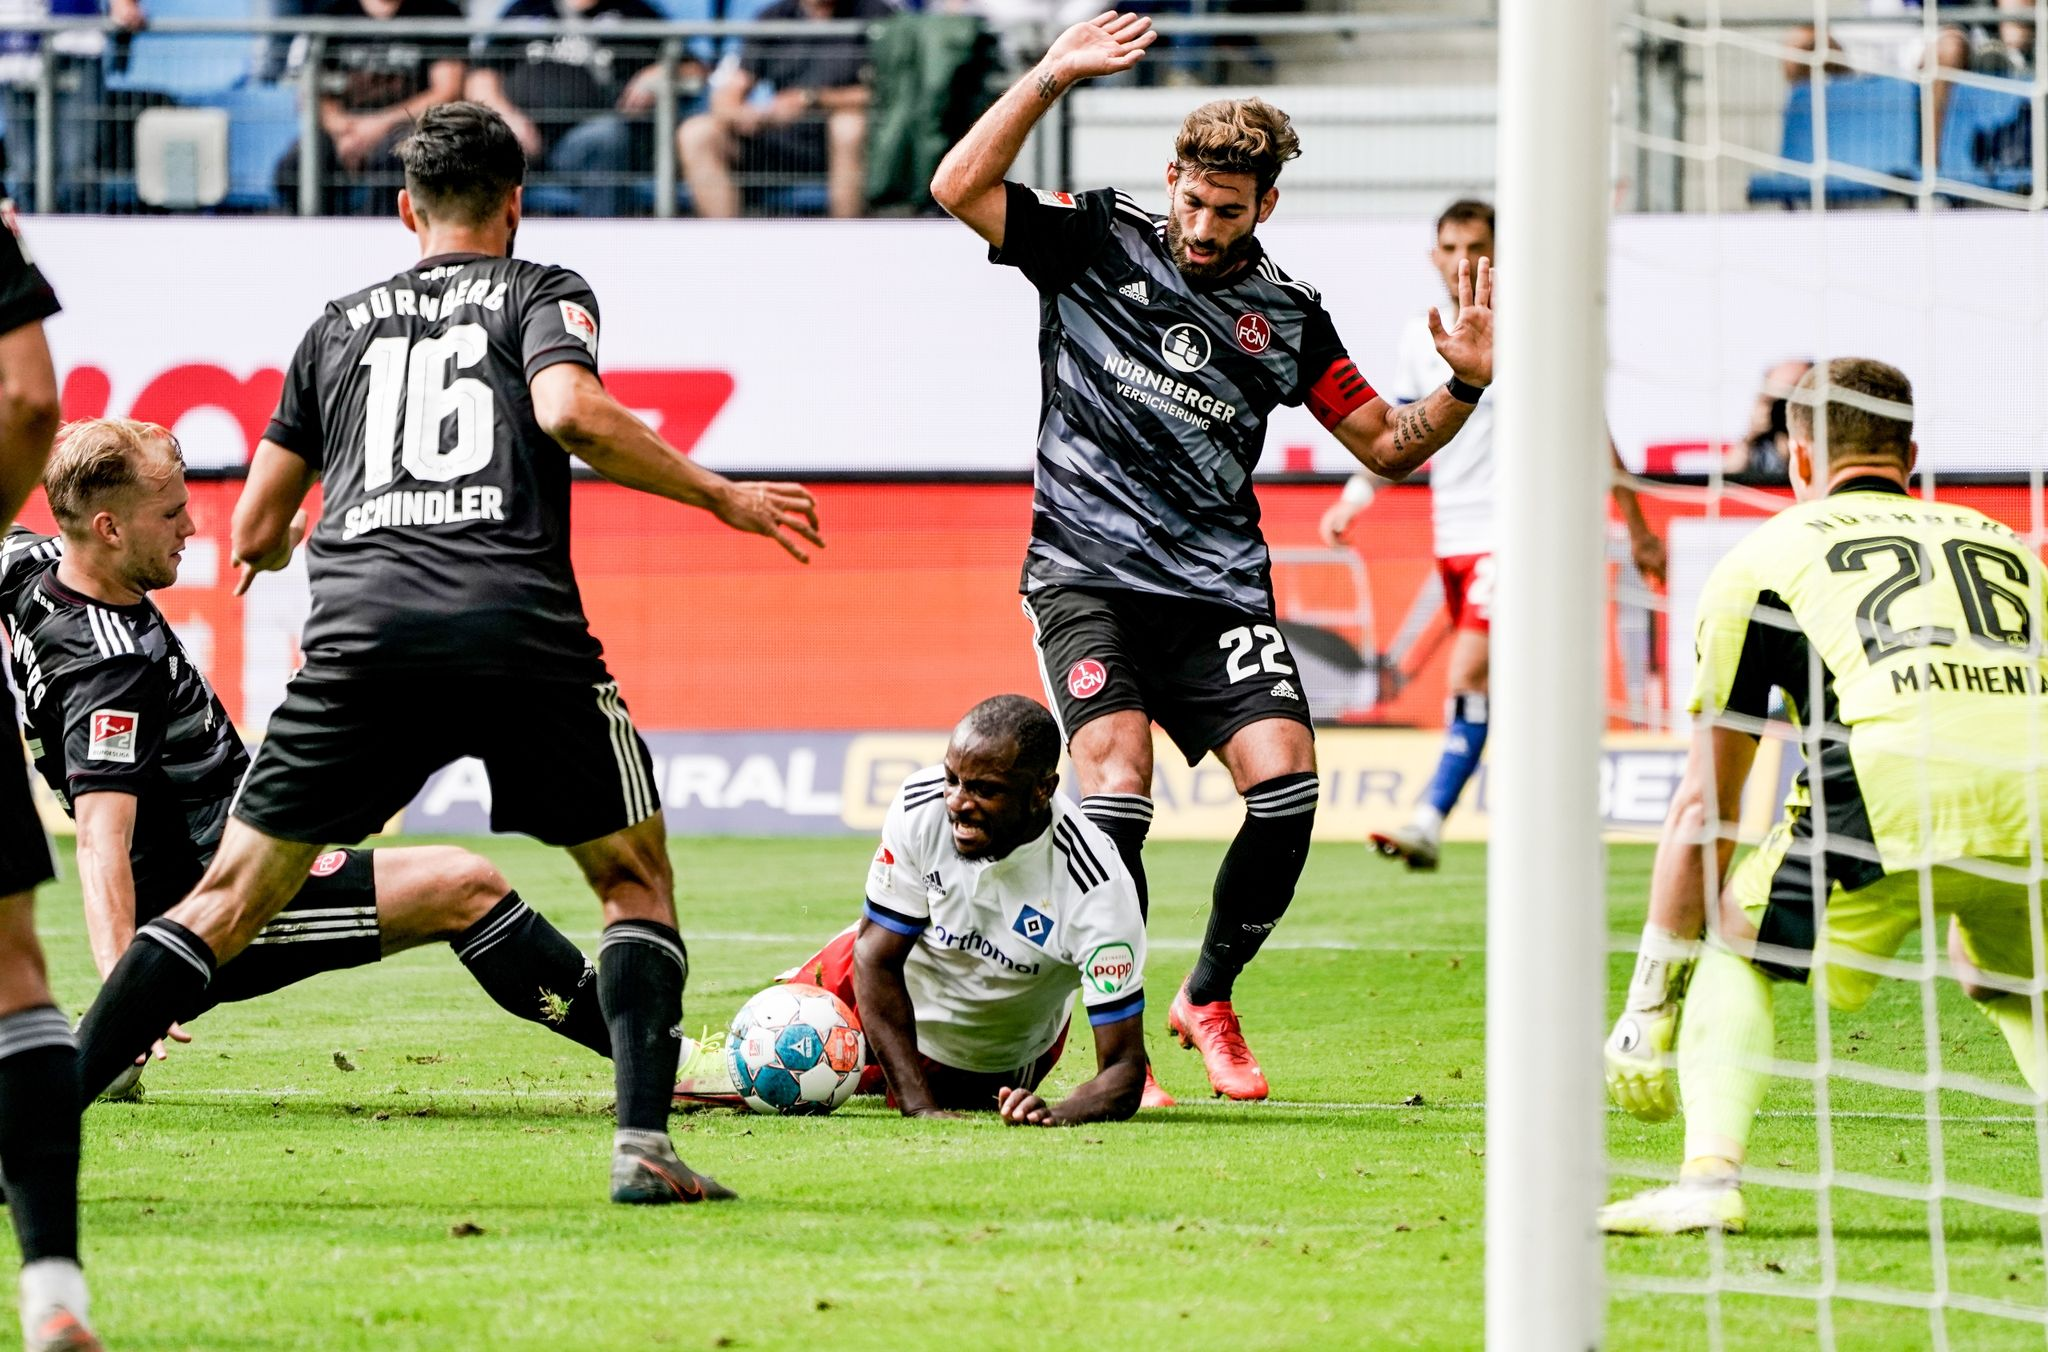 Der Hamburger SV um David Kinsombi (M.) kam gegen den 1. FC Nürnberg zu Hause nur zu einem Unentschieden.